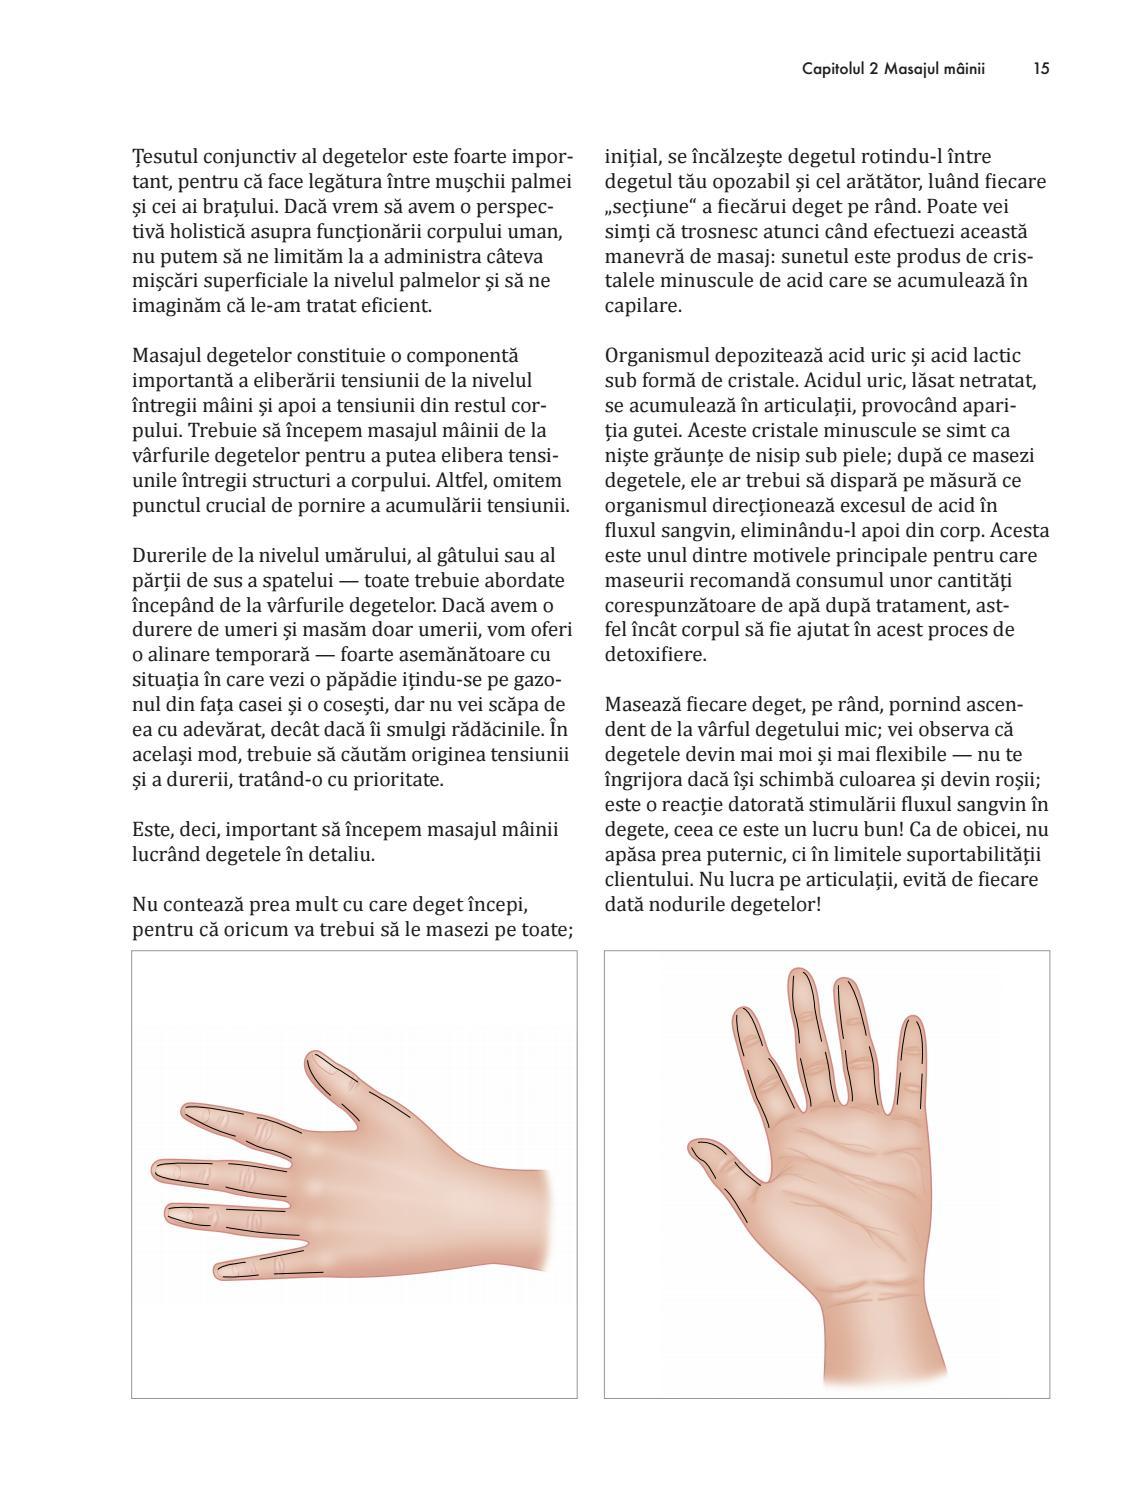 articulații pe degetul mare)